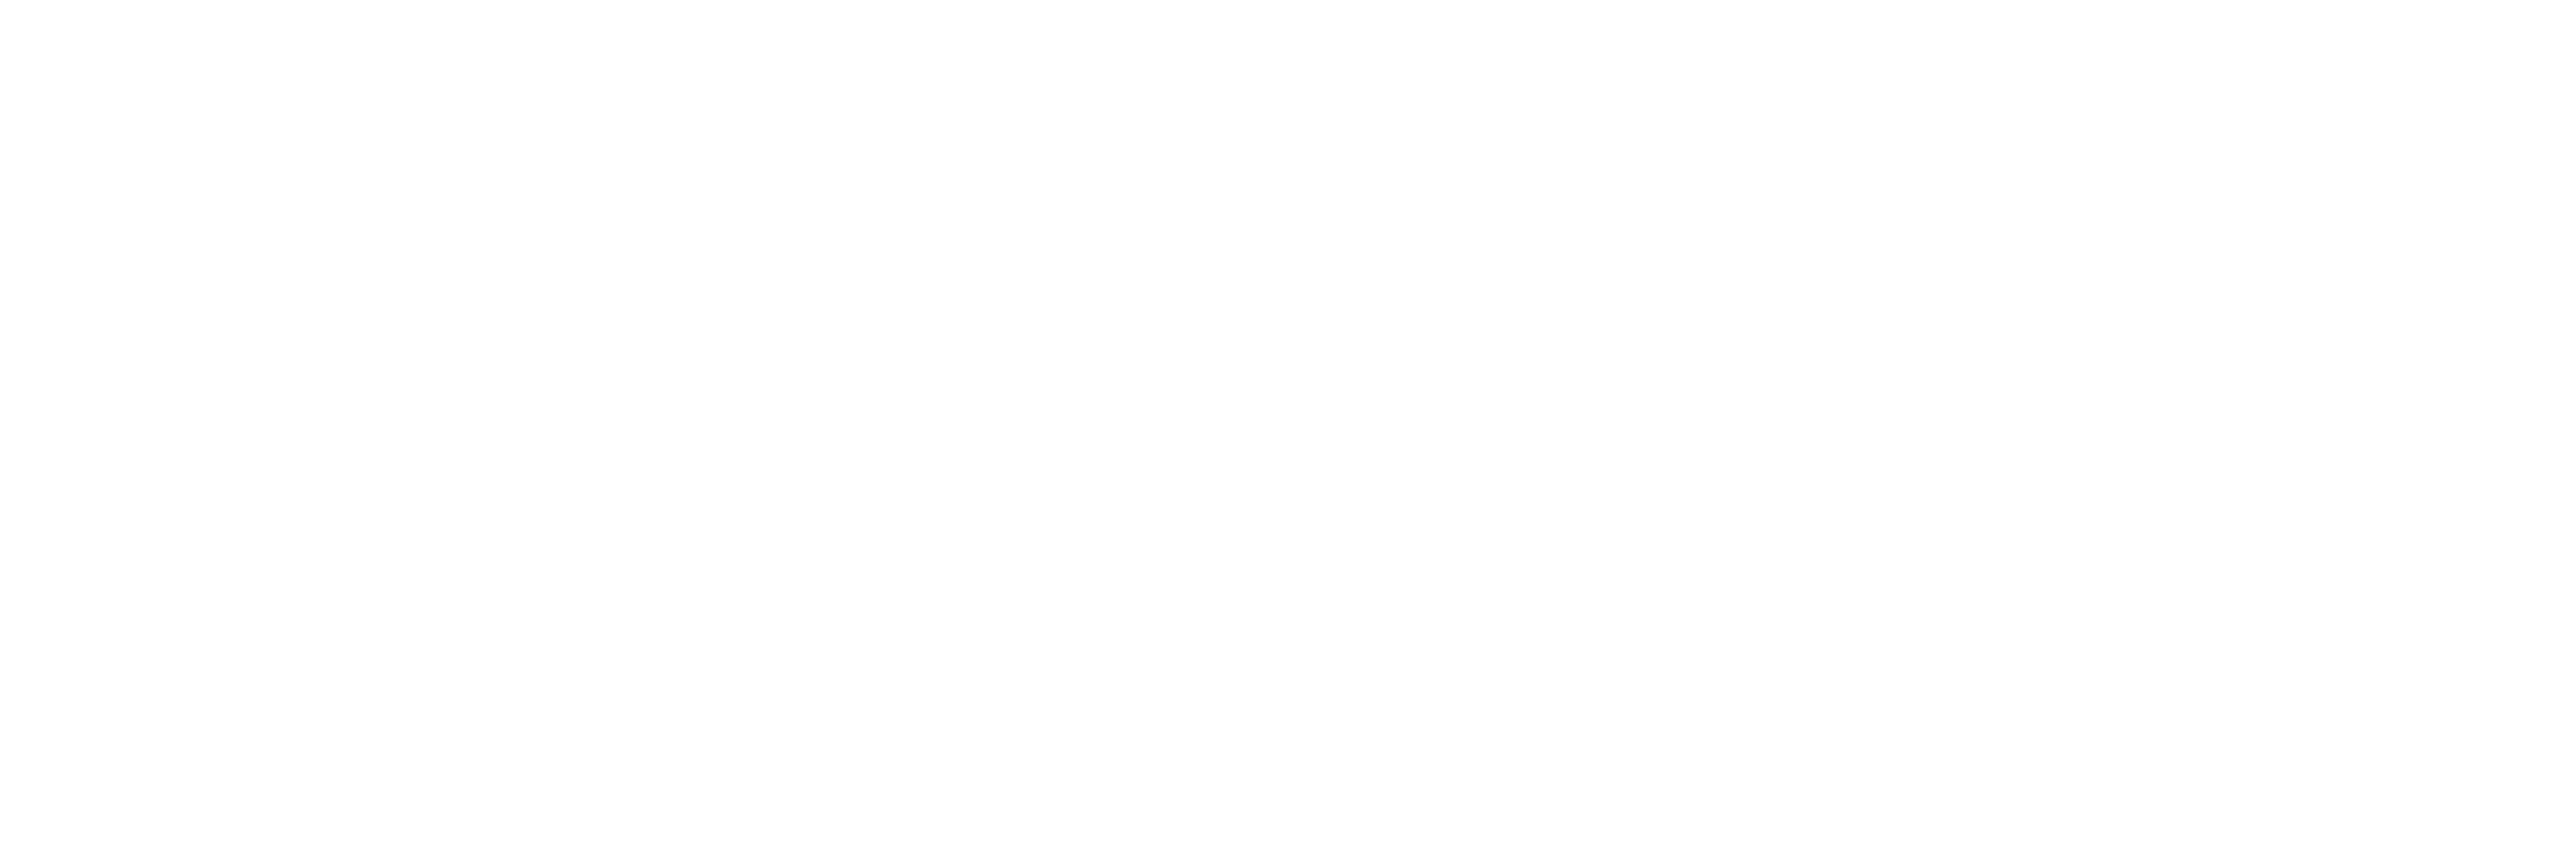 TBN logo - White